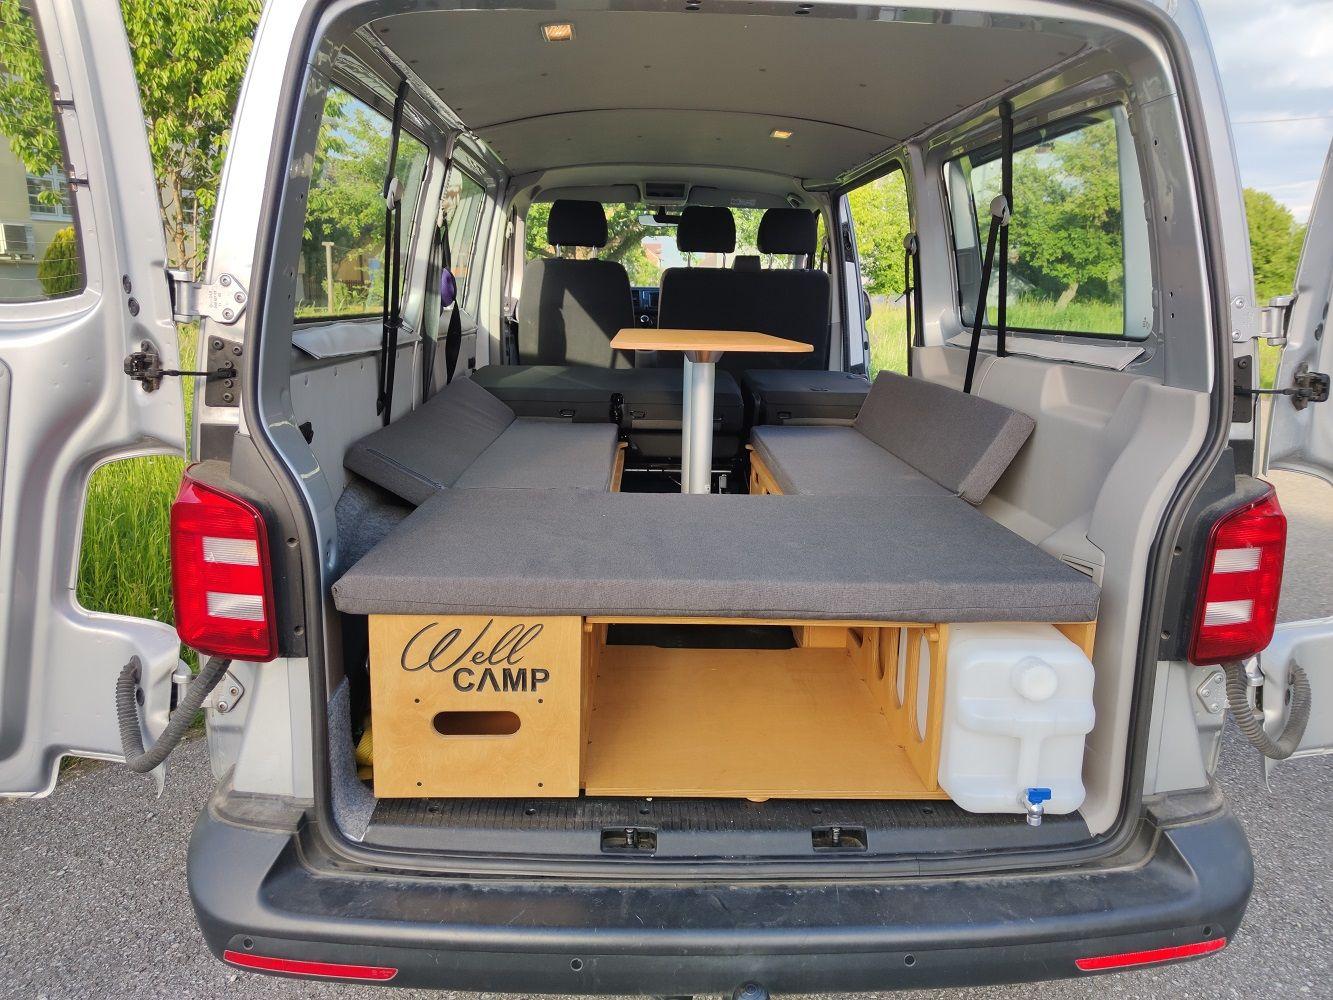 Dein Auto mit Camper Box zu Wohnmobil umbauen! Die Campinglösung